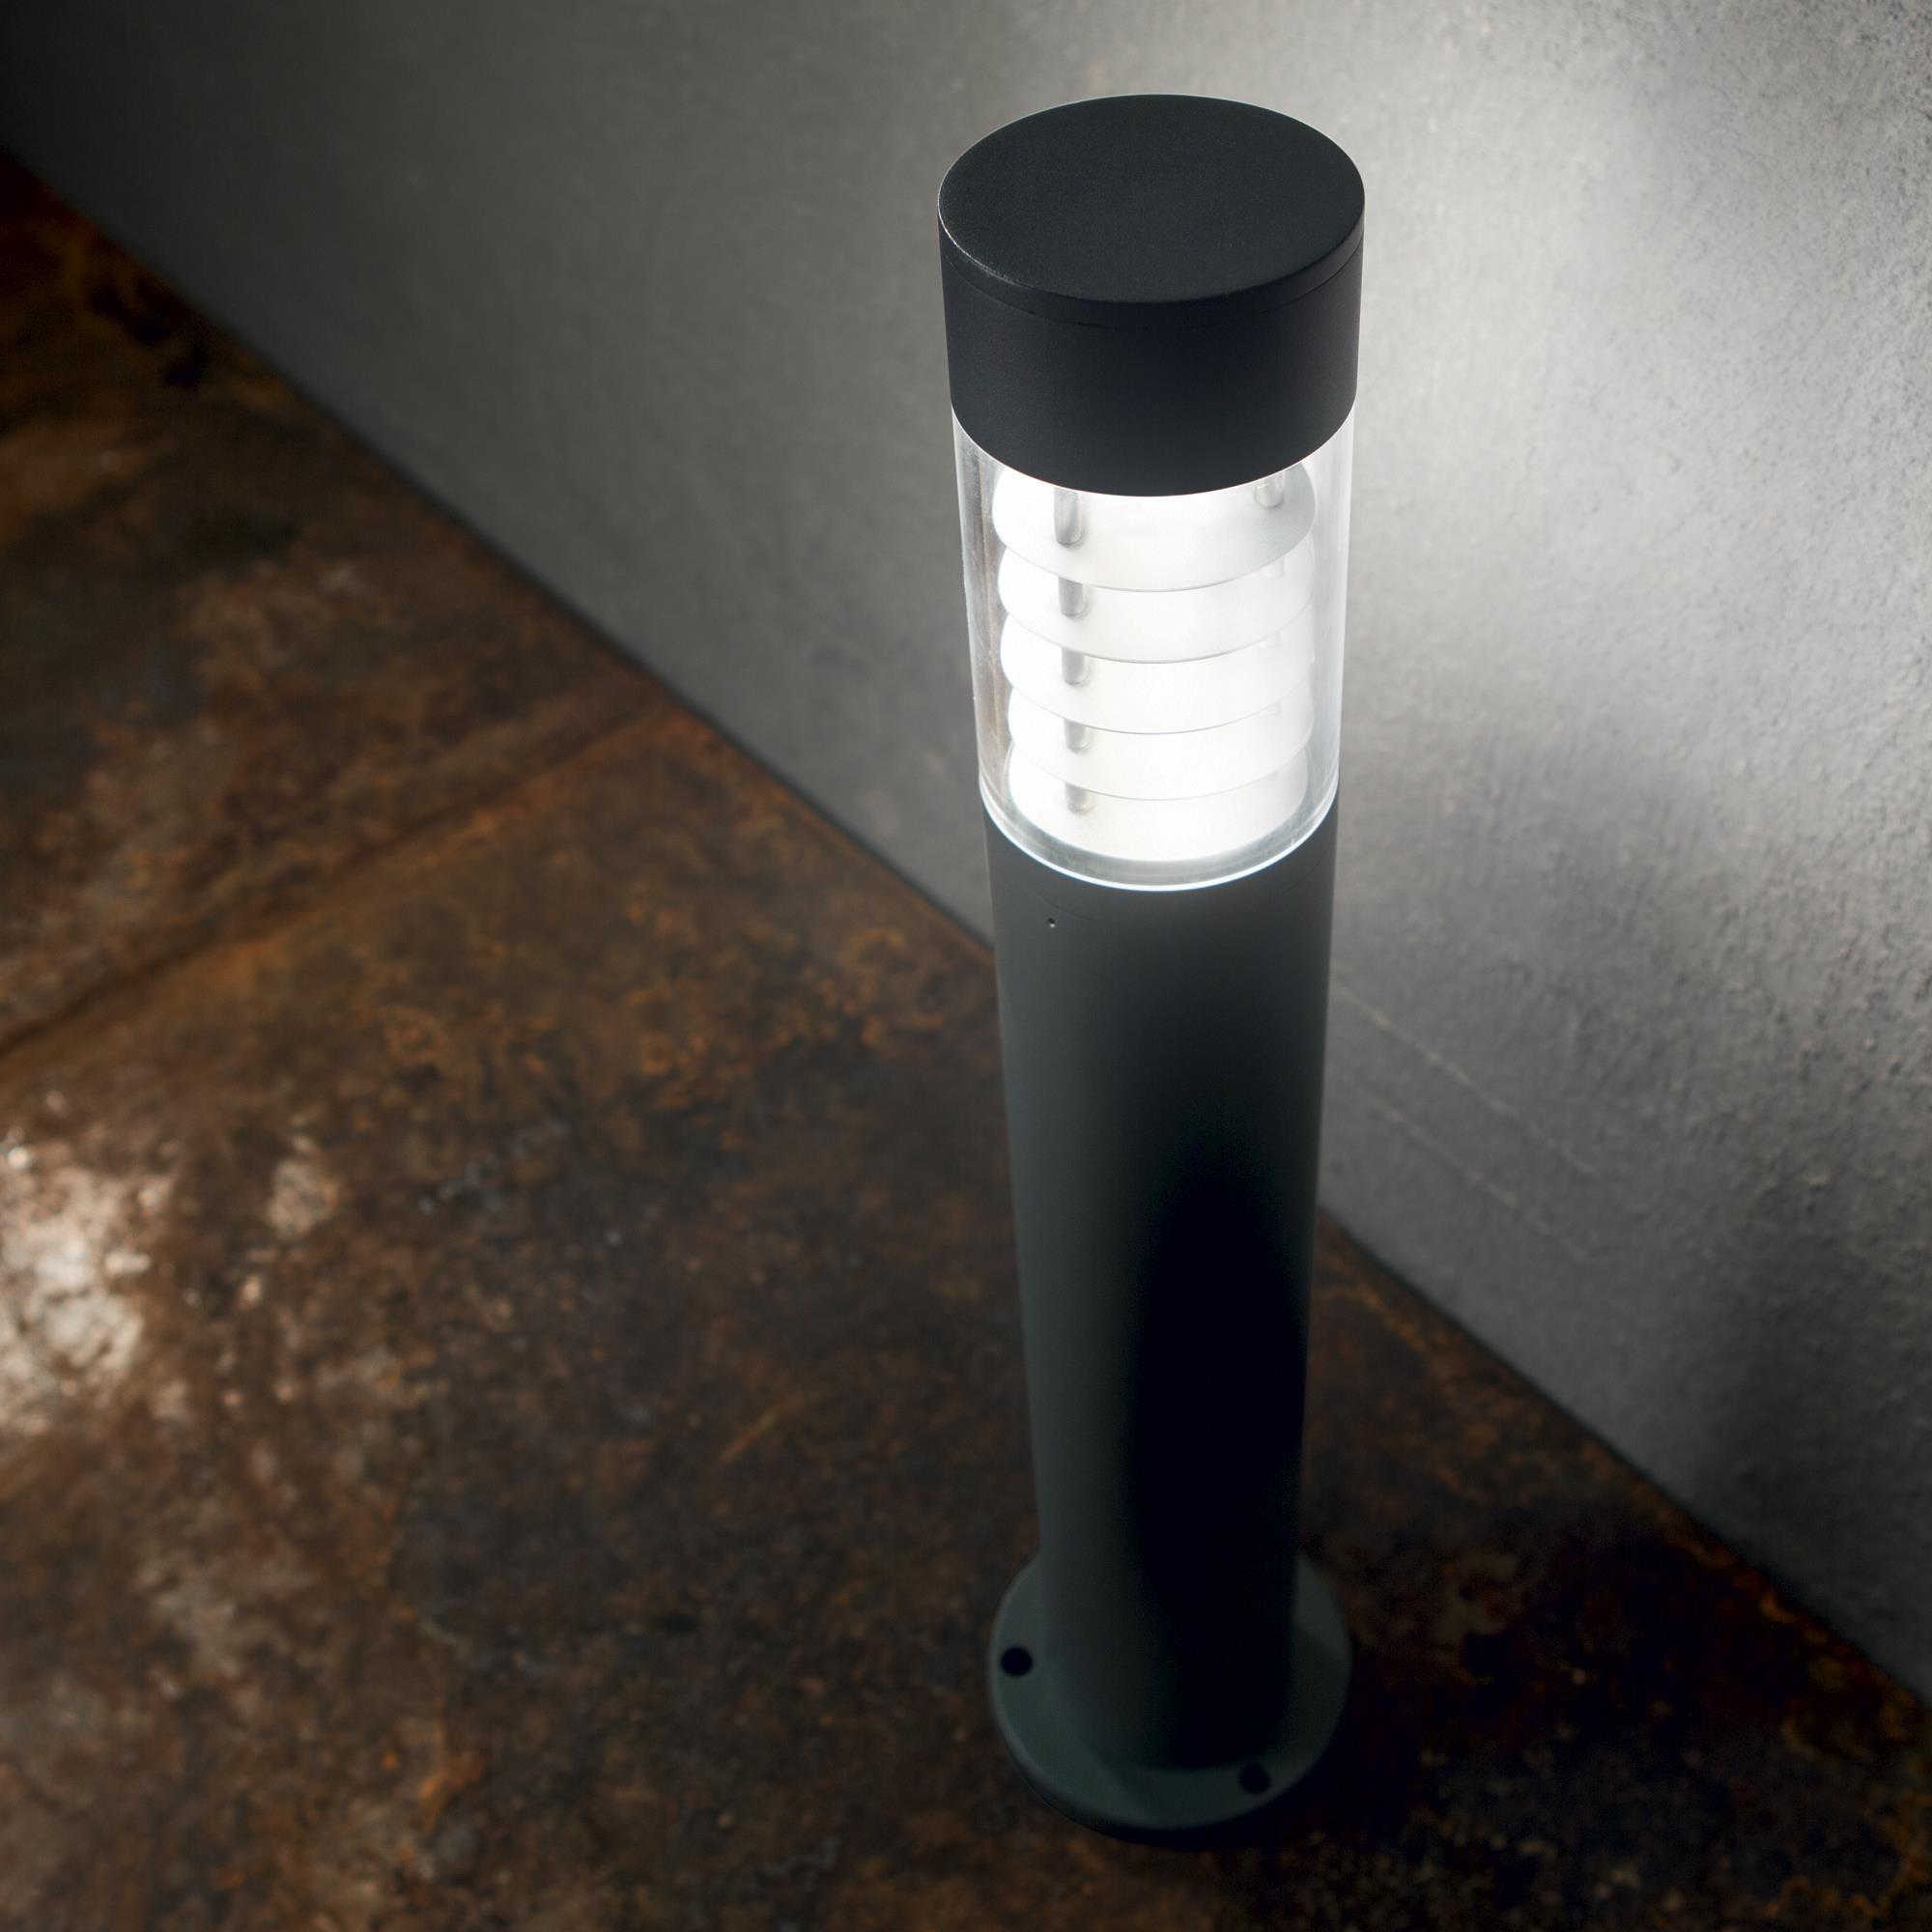 Ideal Lux 248226 DEMA PT1 H60 NERO kültéri állólámpa